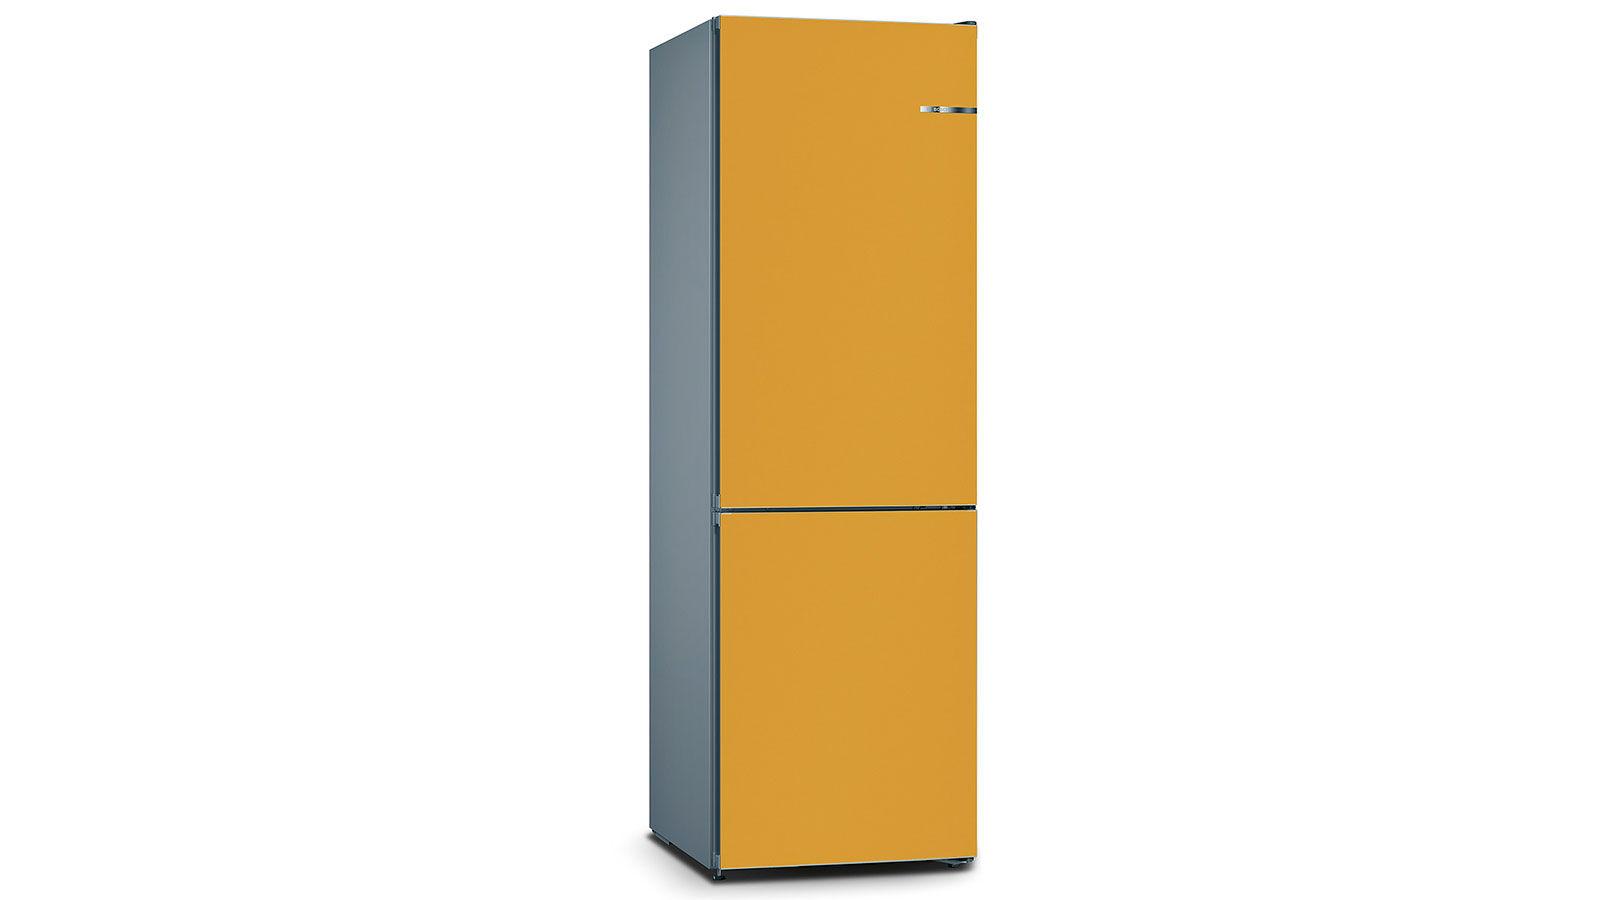 BOSCH 324L雙門雪櫃/配可更換門板 KVN36IX3BK-寶石金